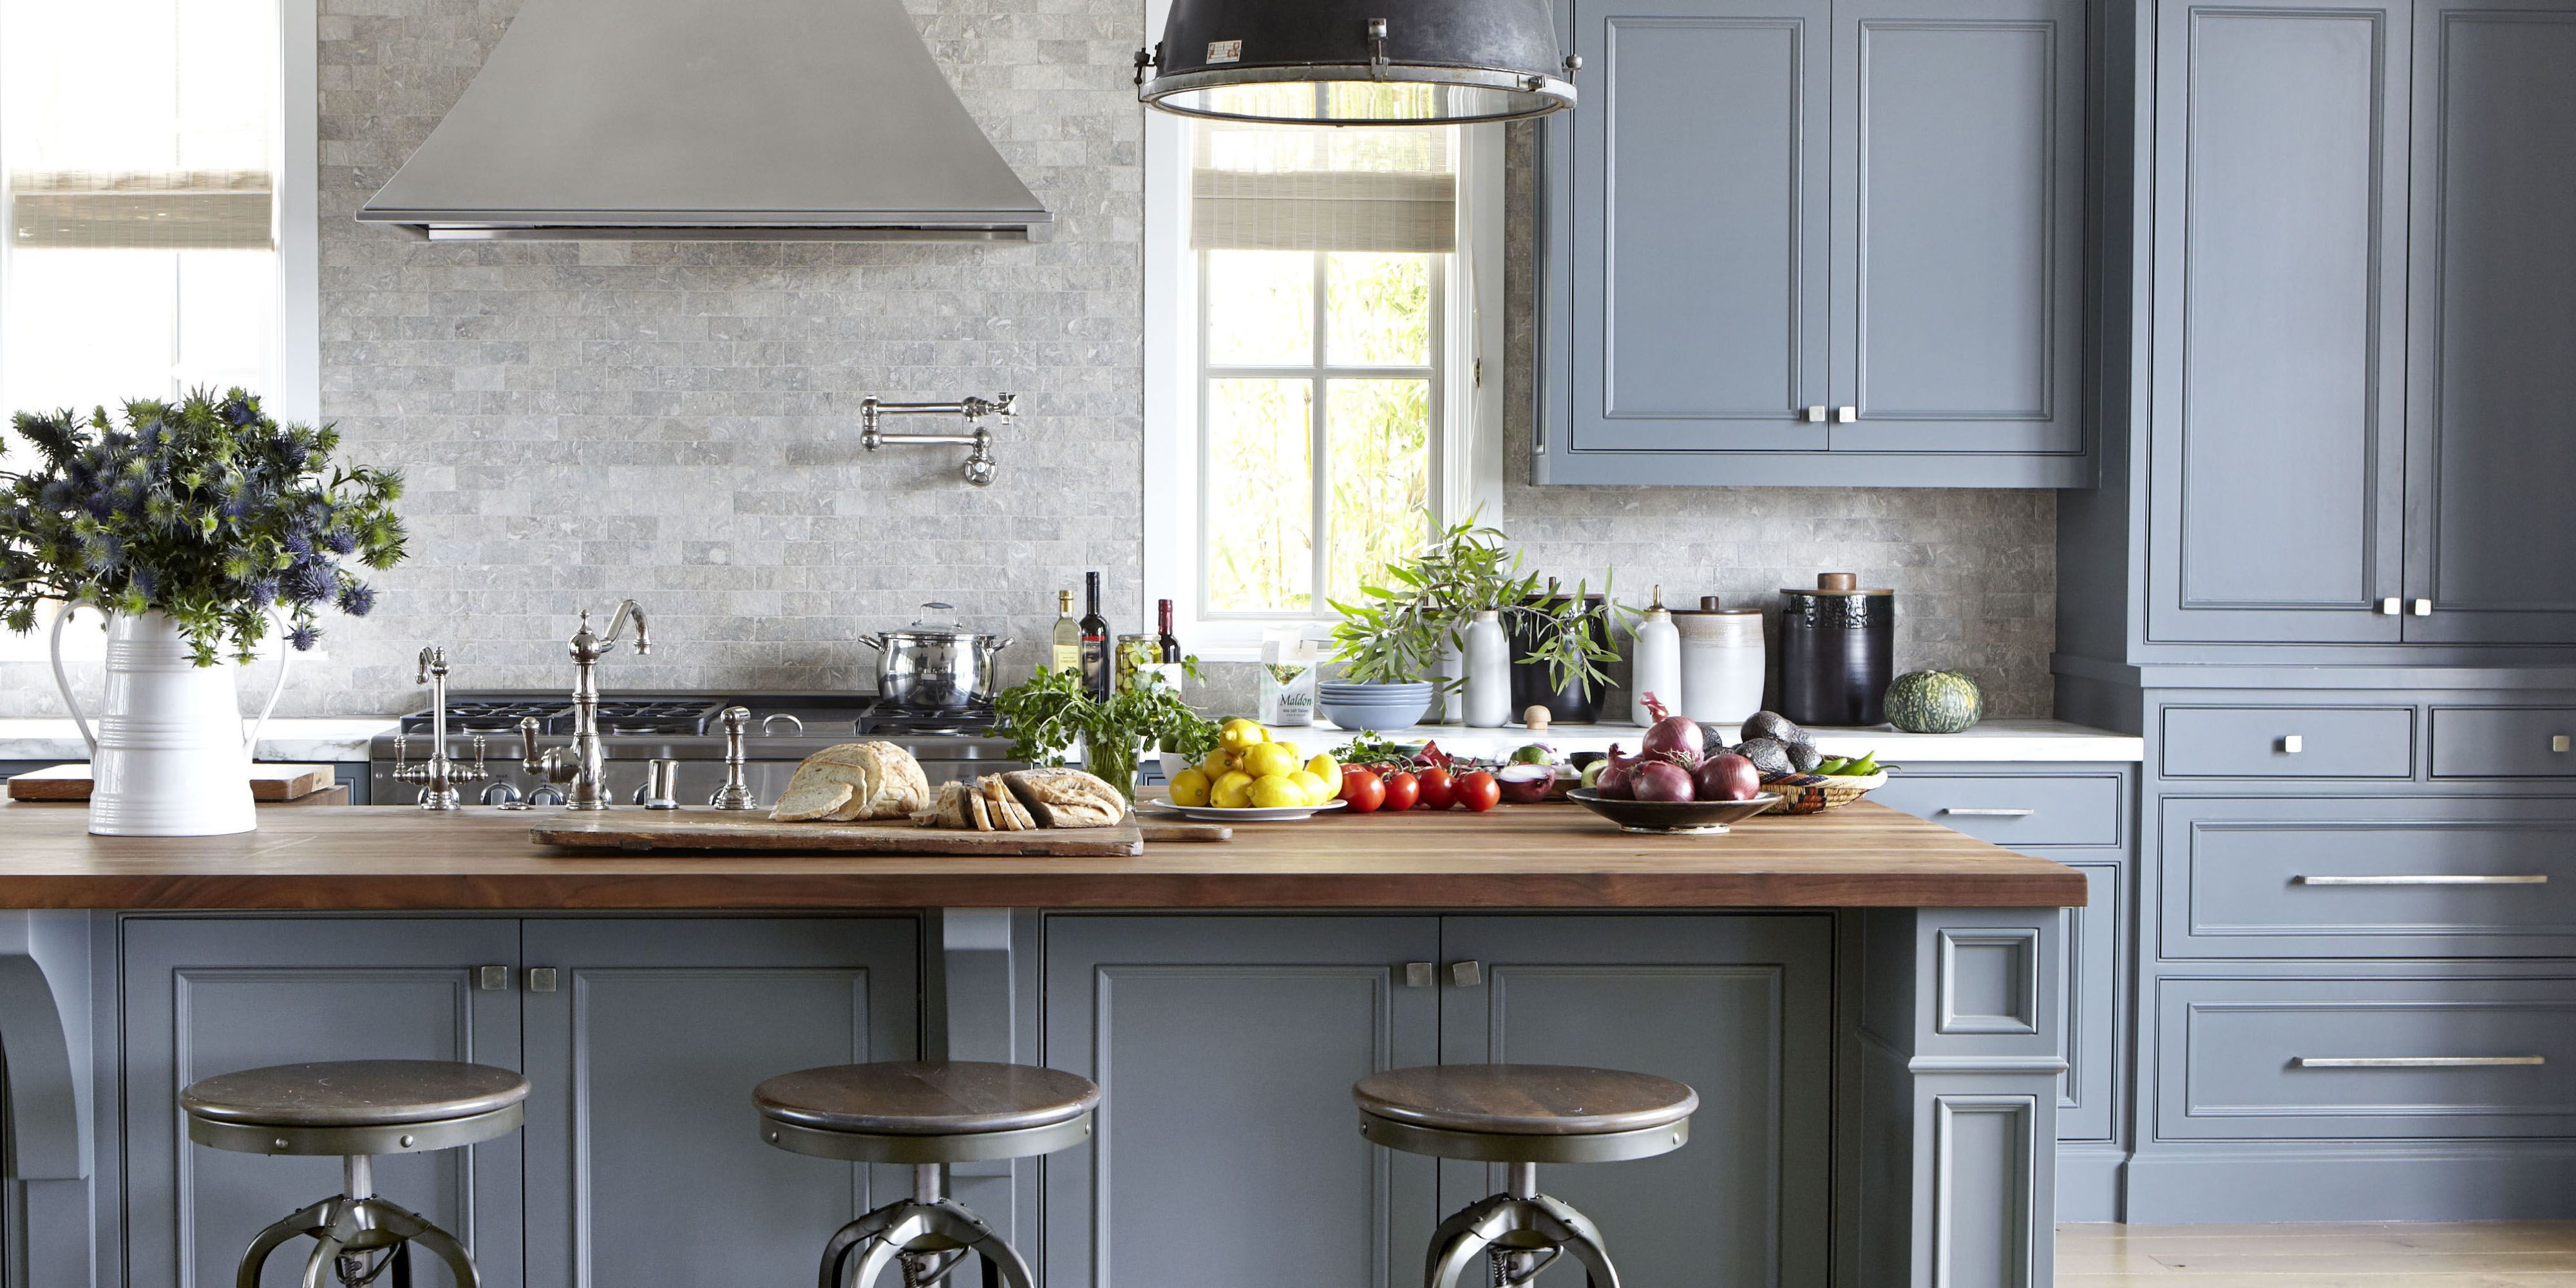 14 best kitchen paint colors ideas for popular kitchen colors rh housebeautiful com Kitchen Cabinet Paint Color Combinations Gray Kitchen Cabinets Color Ideas